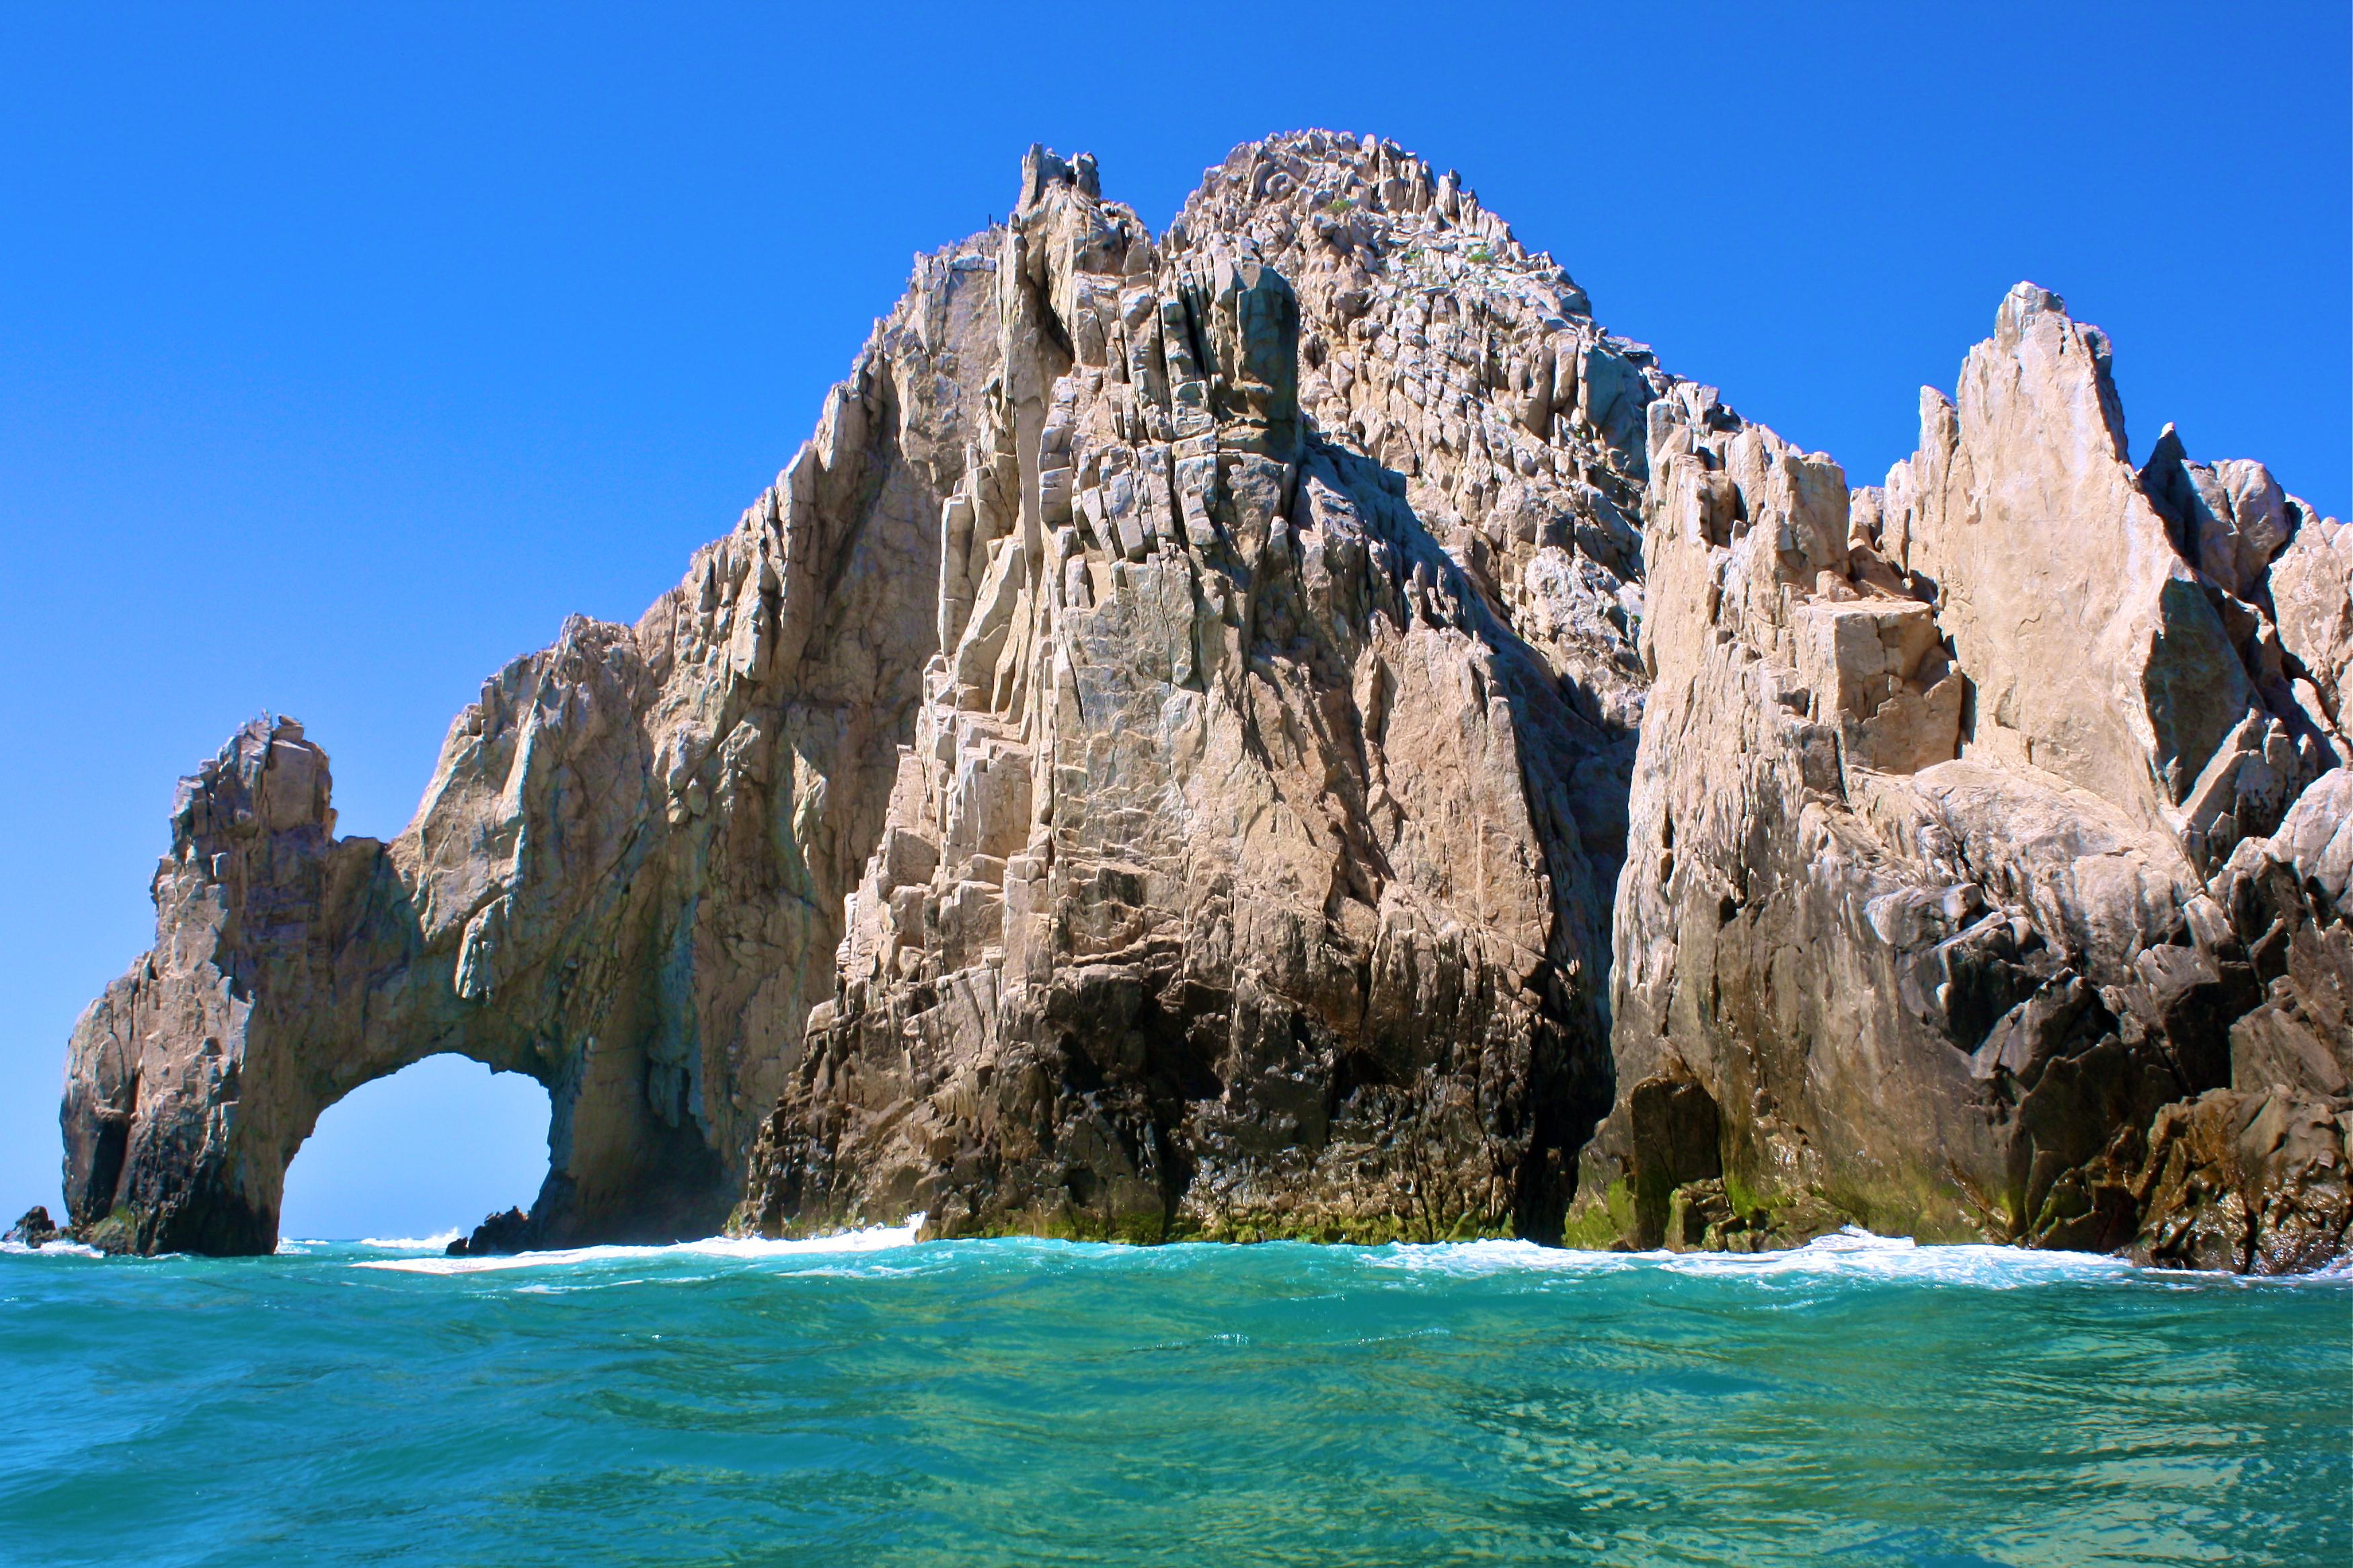 The Arch Cabo San Lucas